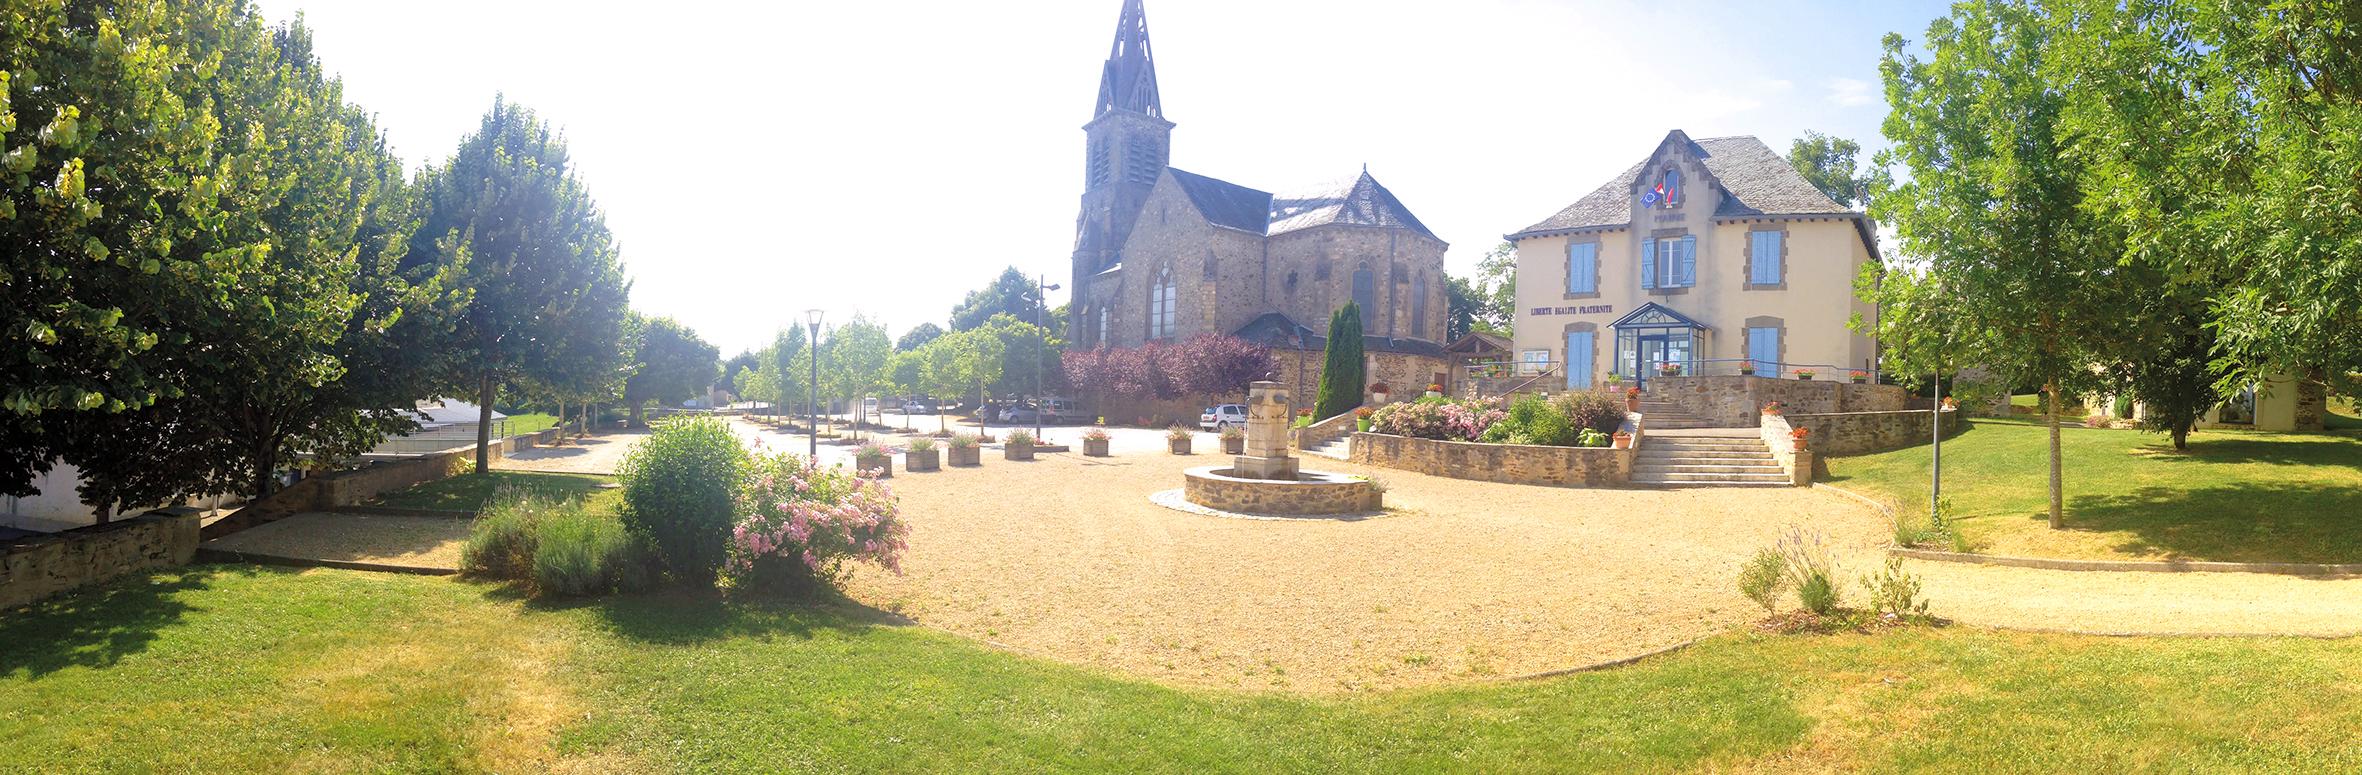 Morlhon Le Haut vue panoramique de la Mairie et de l'église